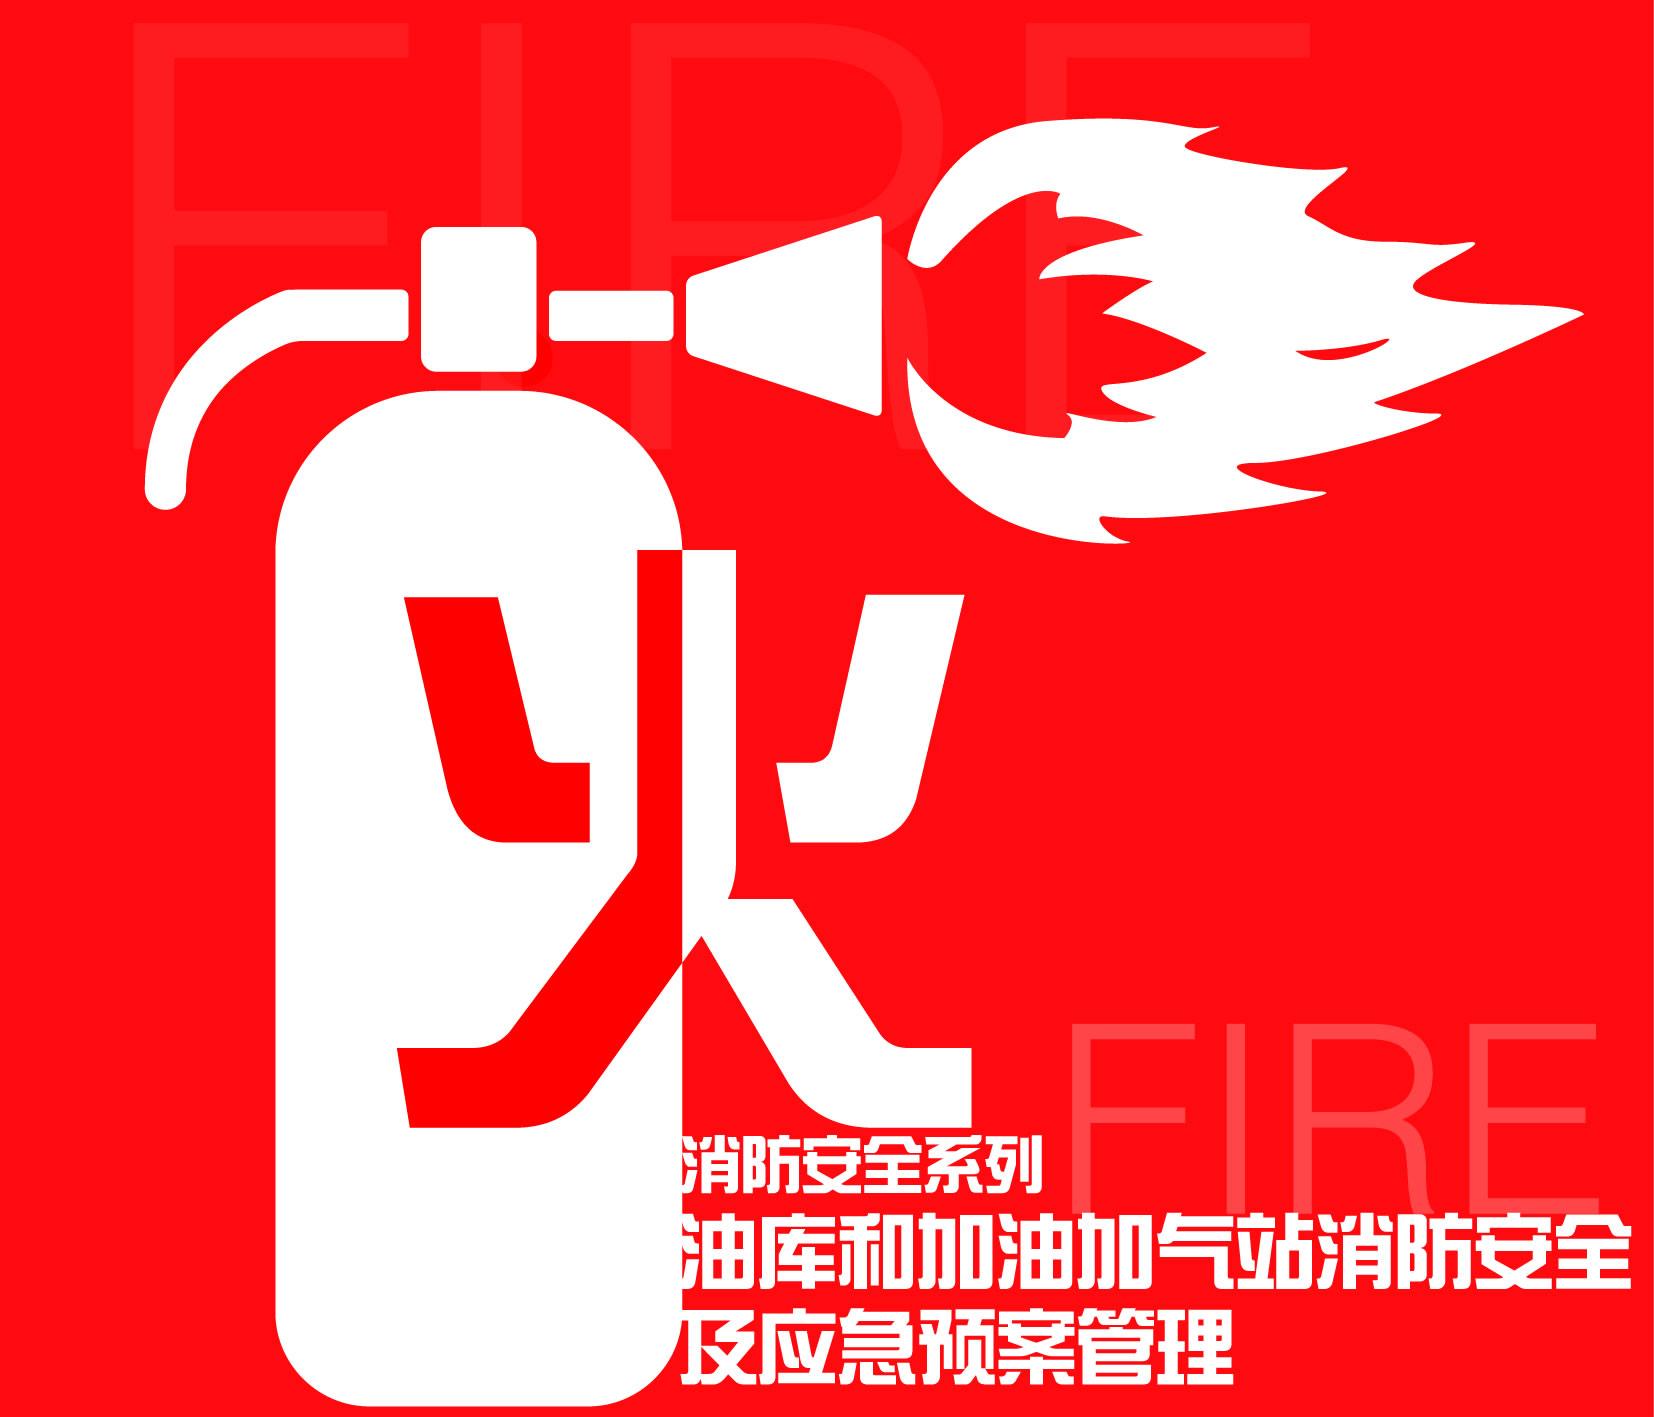 油库和加油加气站消防腾博会及应急预案管理